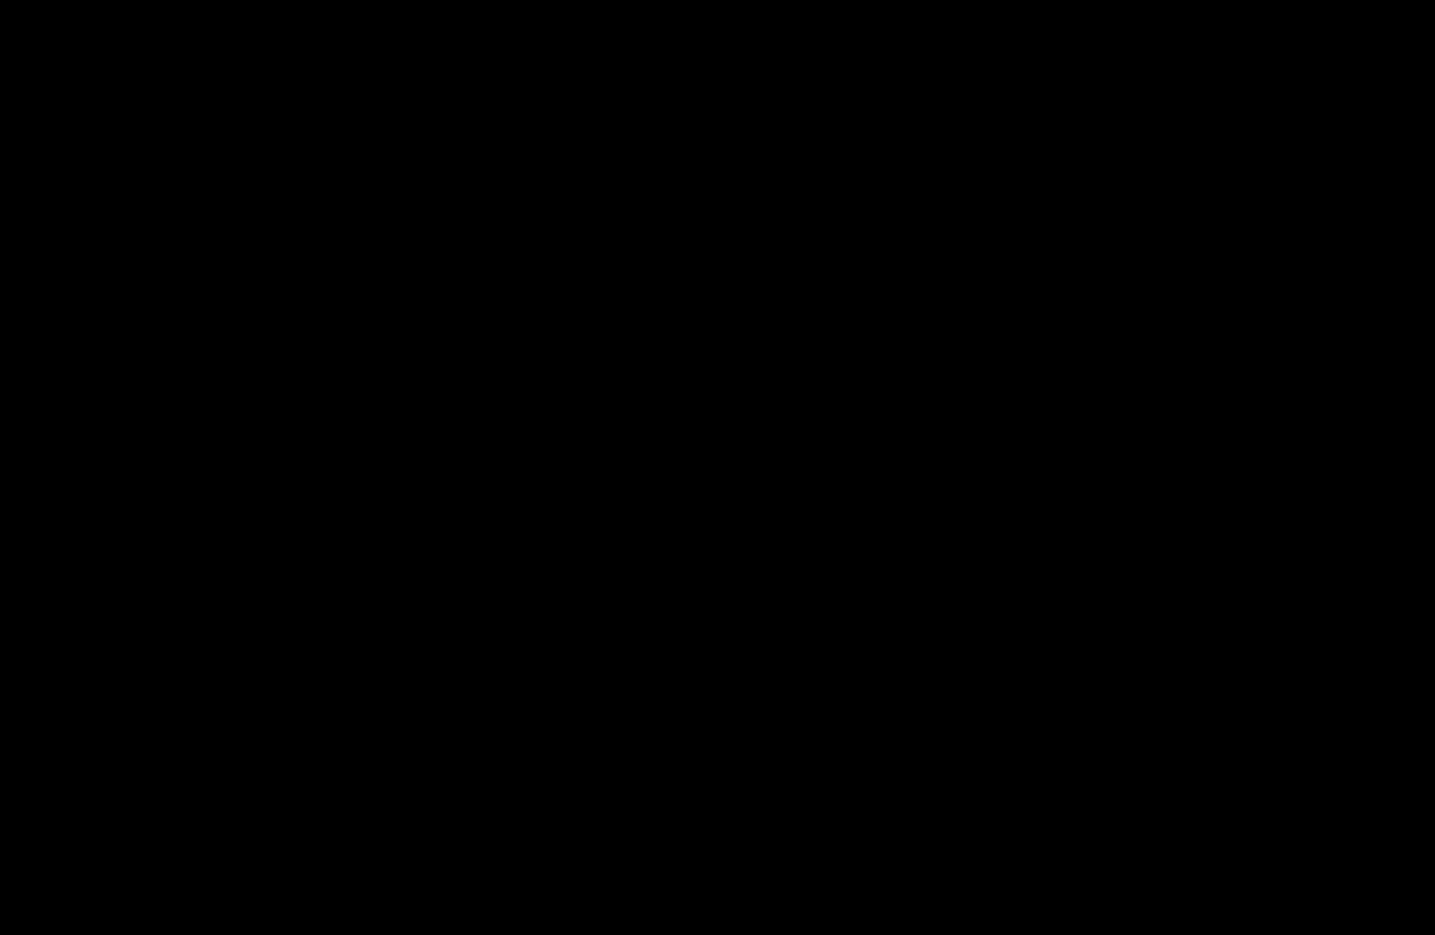 logo tanieautko